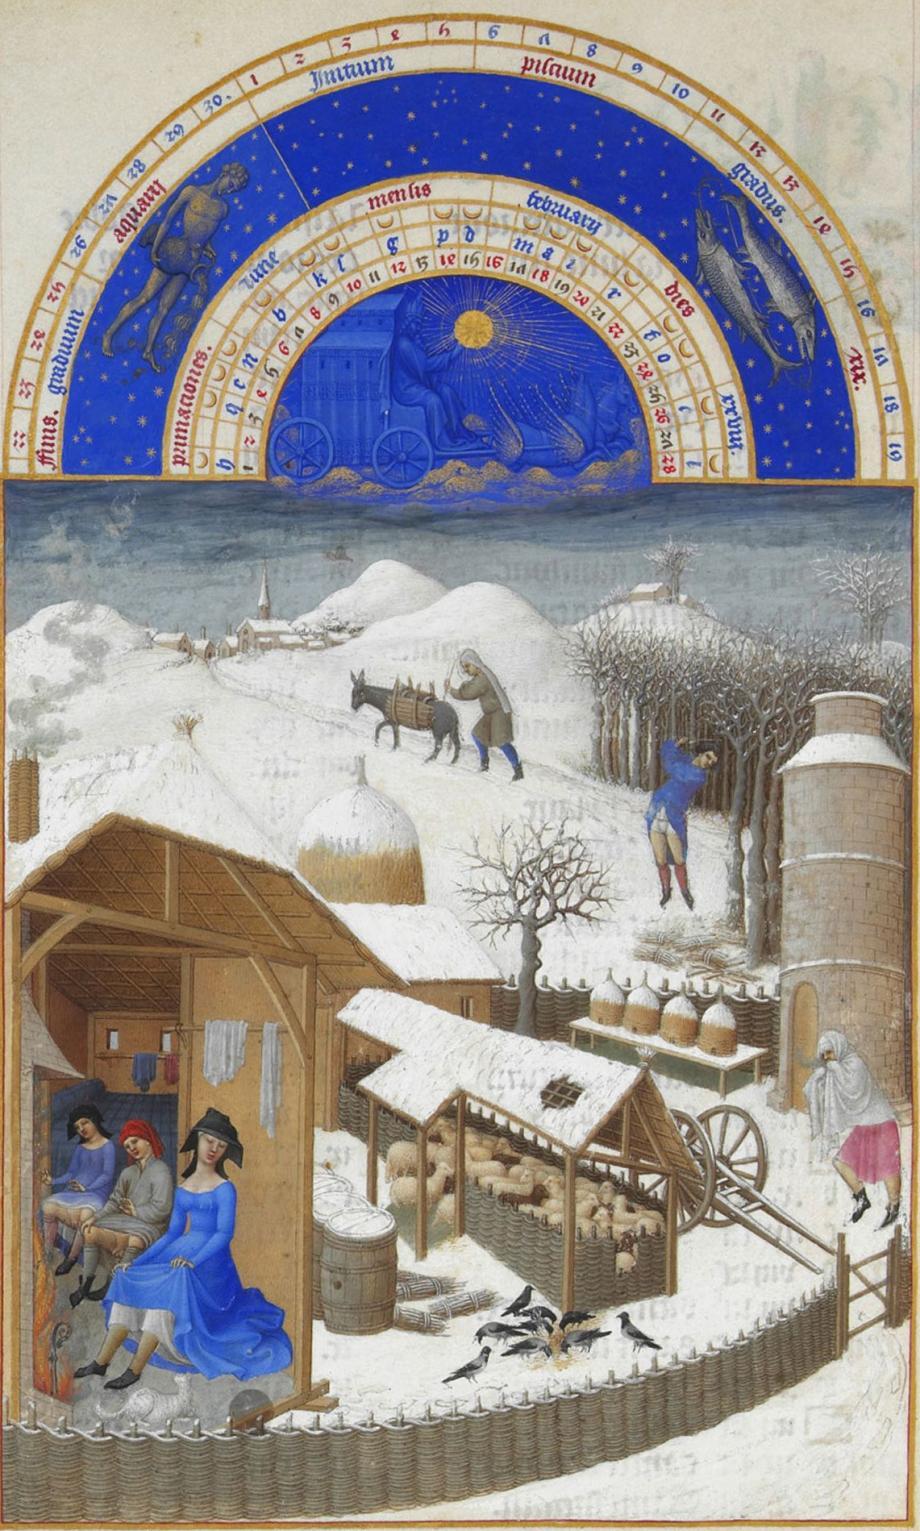 'Les Très Riches Heures du duc de Berry', kalenderminiatuur, februari (Musée Condé, Chantilly).